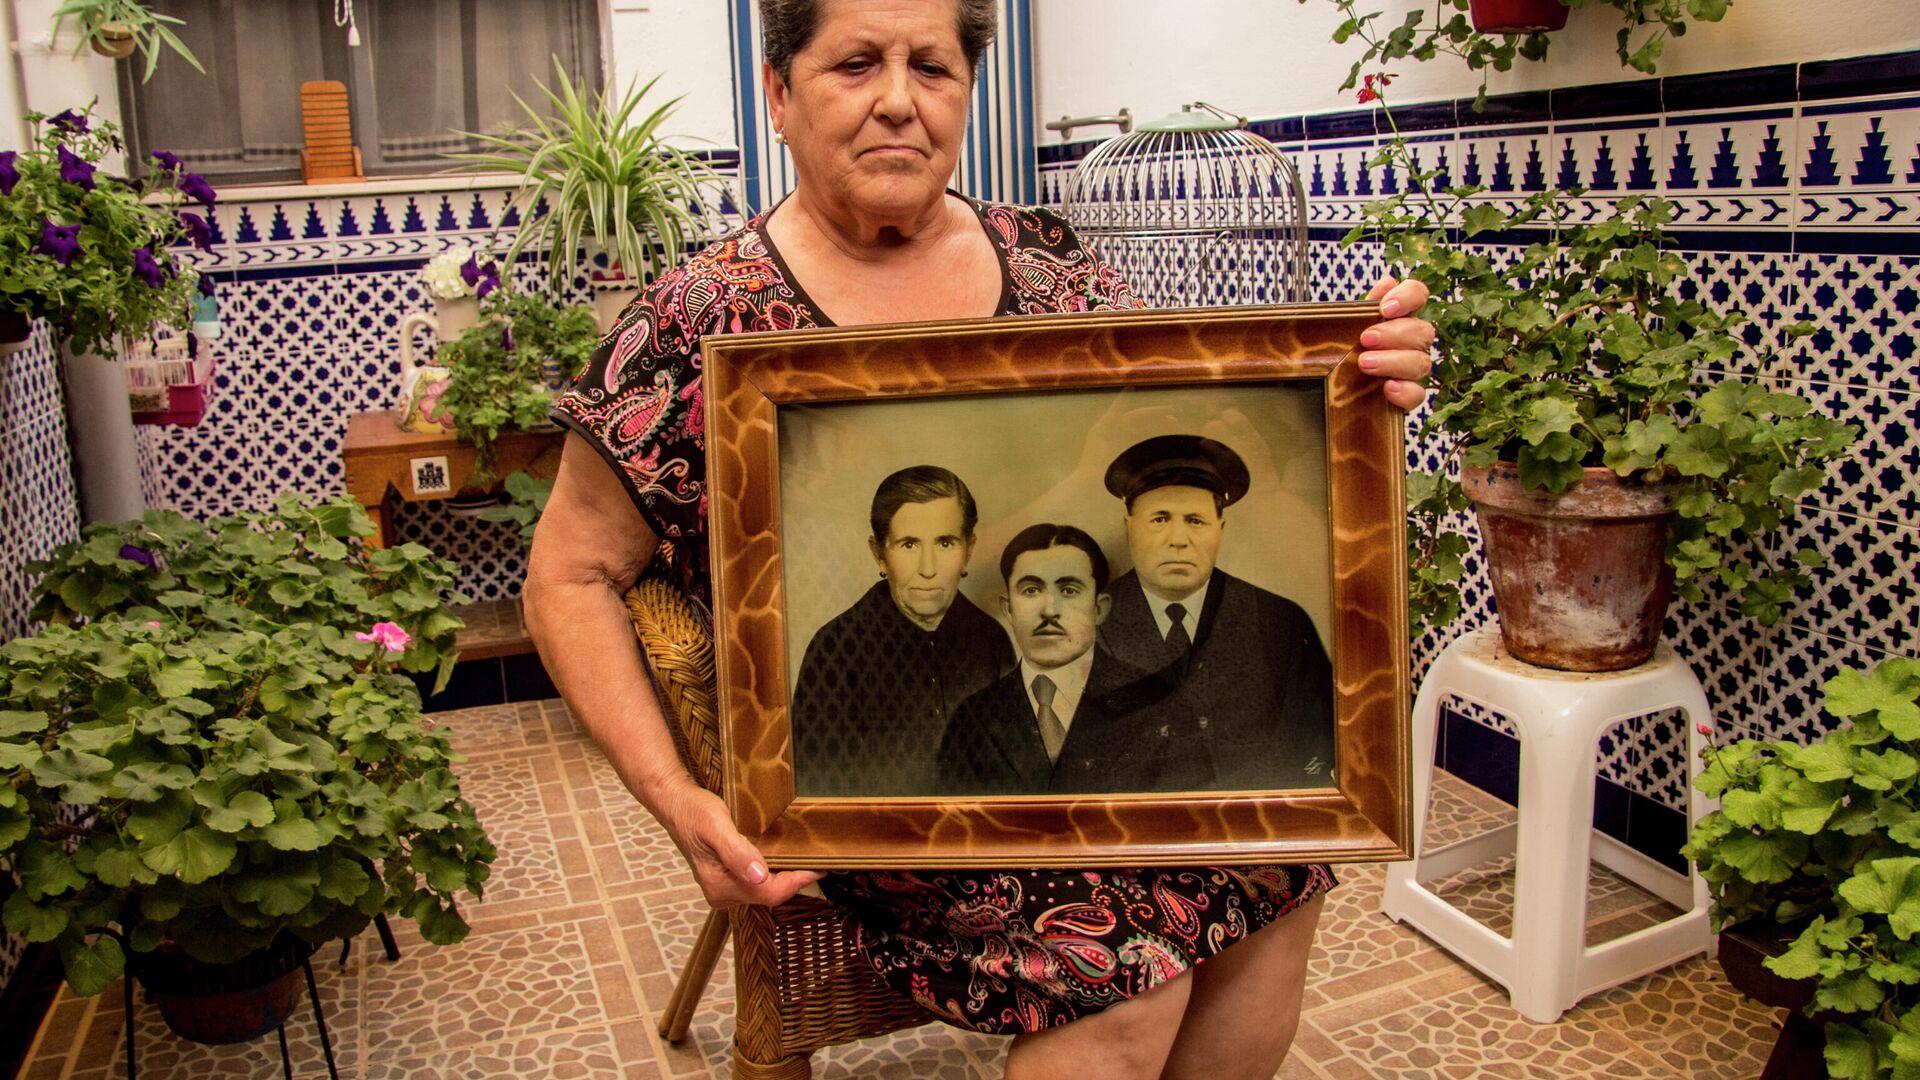 La sobrina de Alfonso Campos, asesinado durante la Guerra Civil, con una imagen suya - Sputnik Mundo, 1920, 25.05.2021